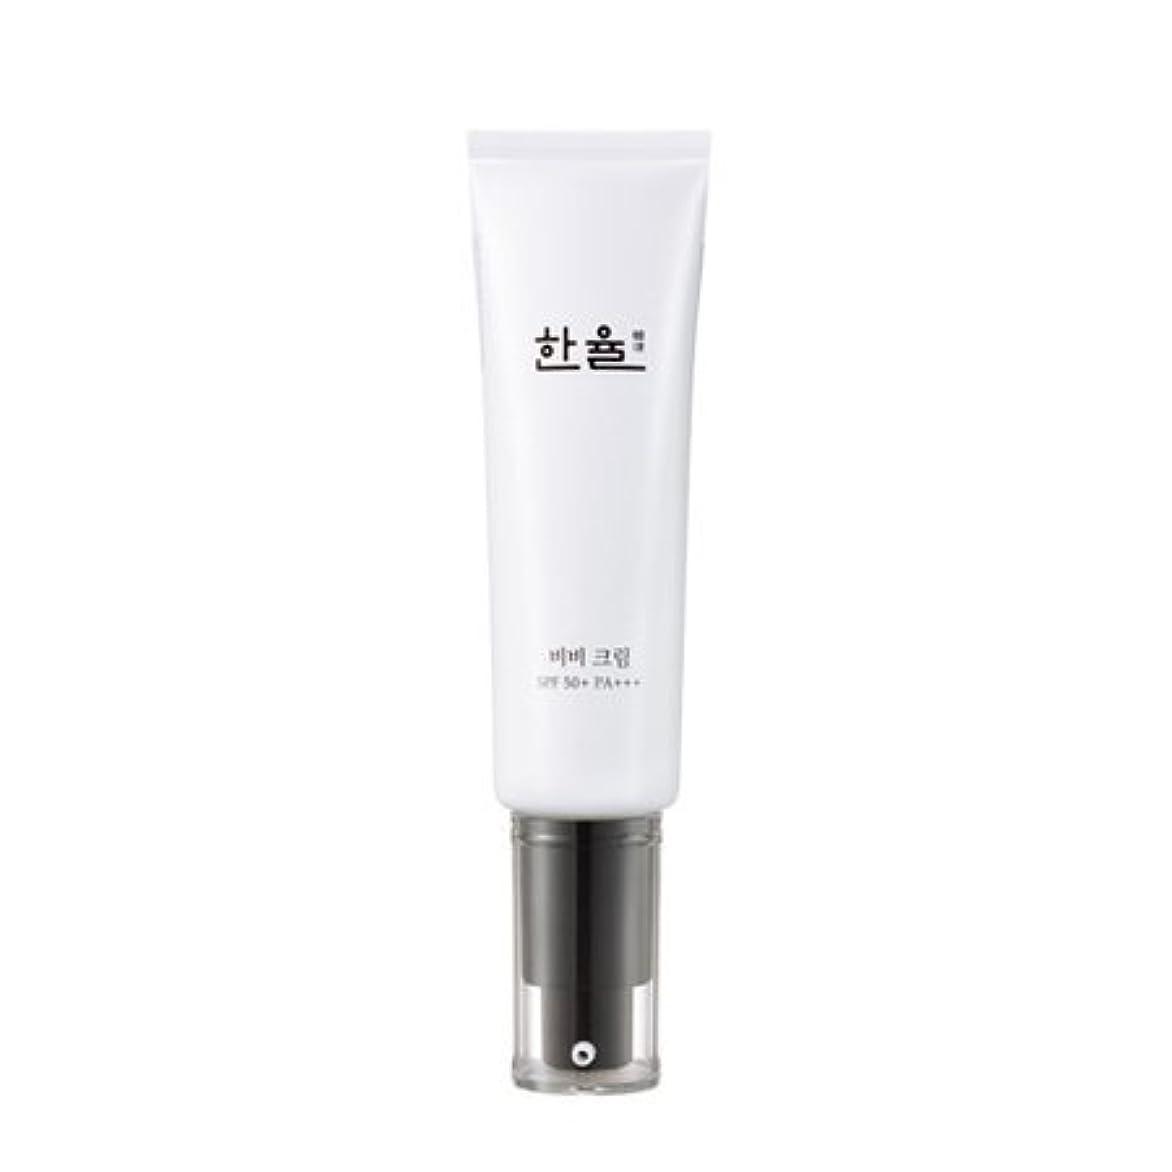 ライムメンタル酸素[HANYUL] BB Cream SPF 50+/pa+++ (#01 Bright Pink)